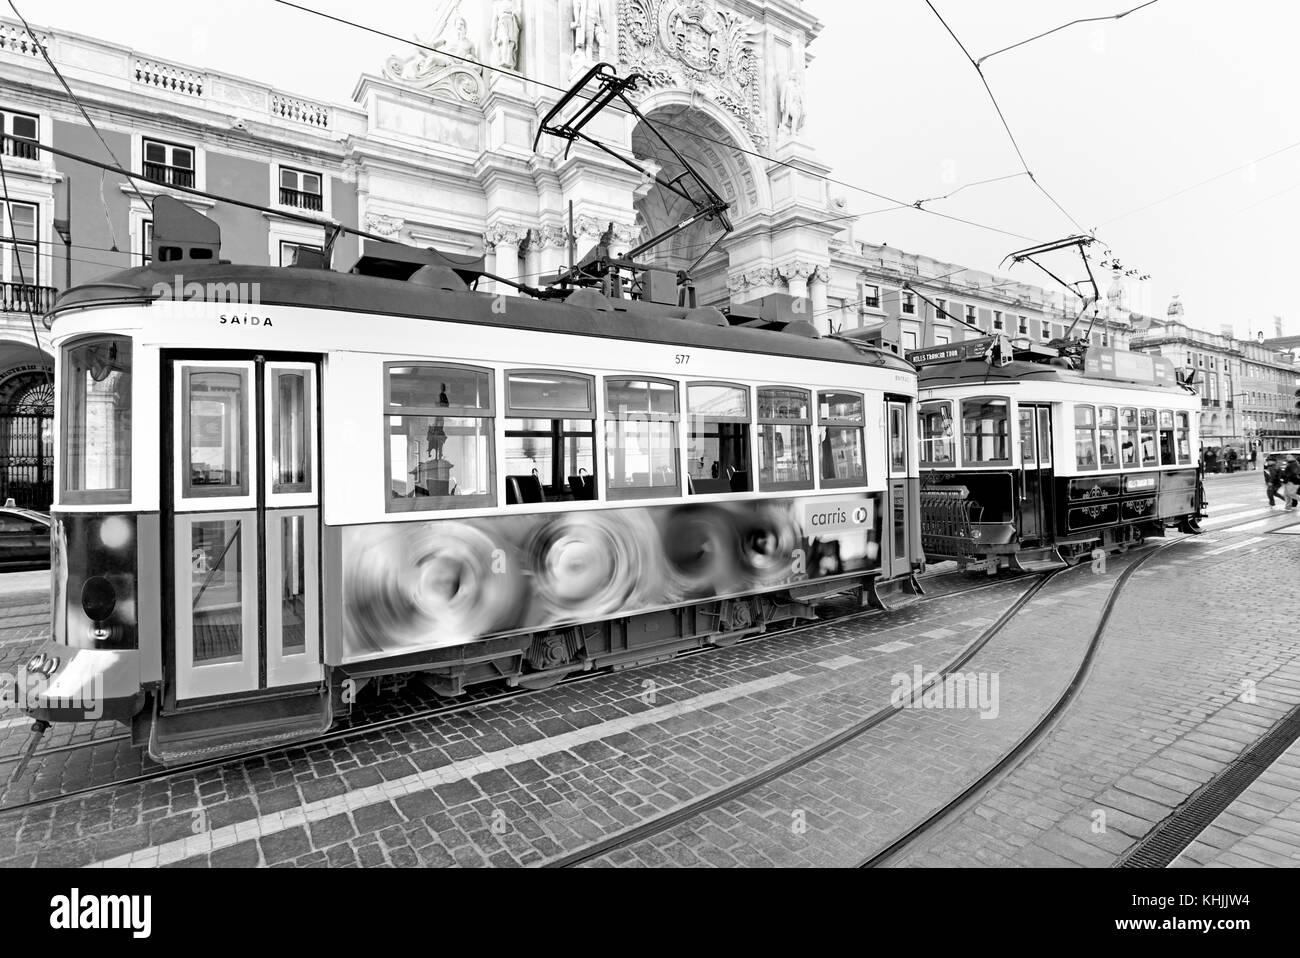 Nostalgische Straßenbahn Anhalten an triumph Arch, Lissabon Stockbild